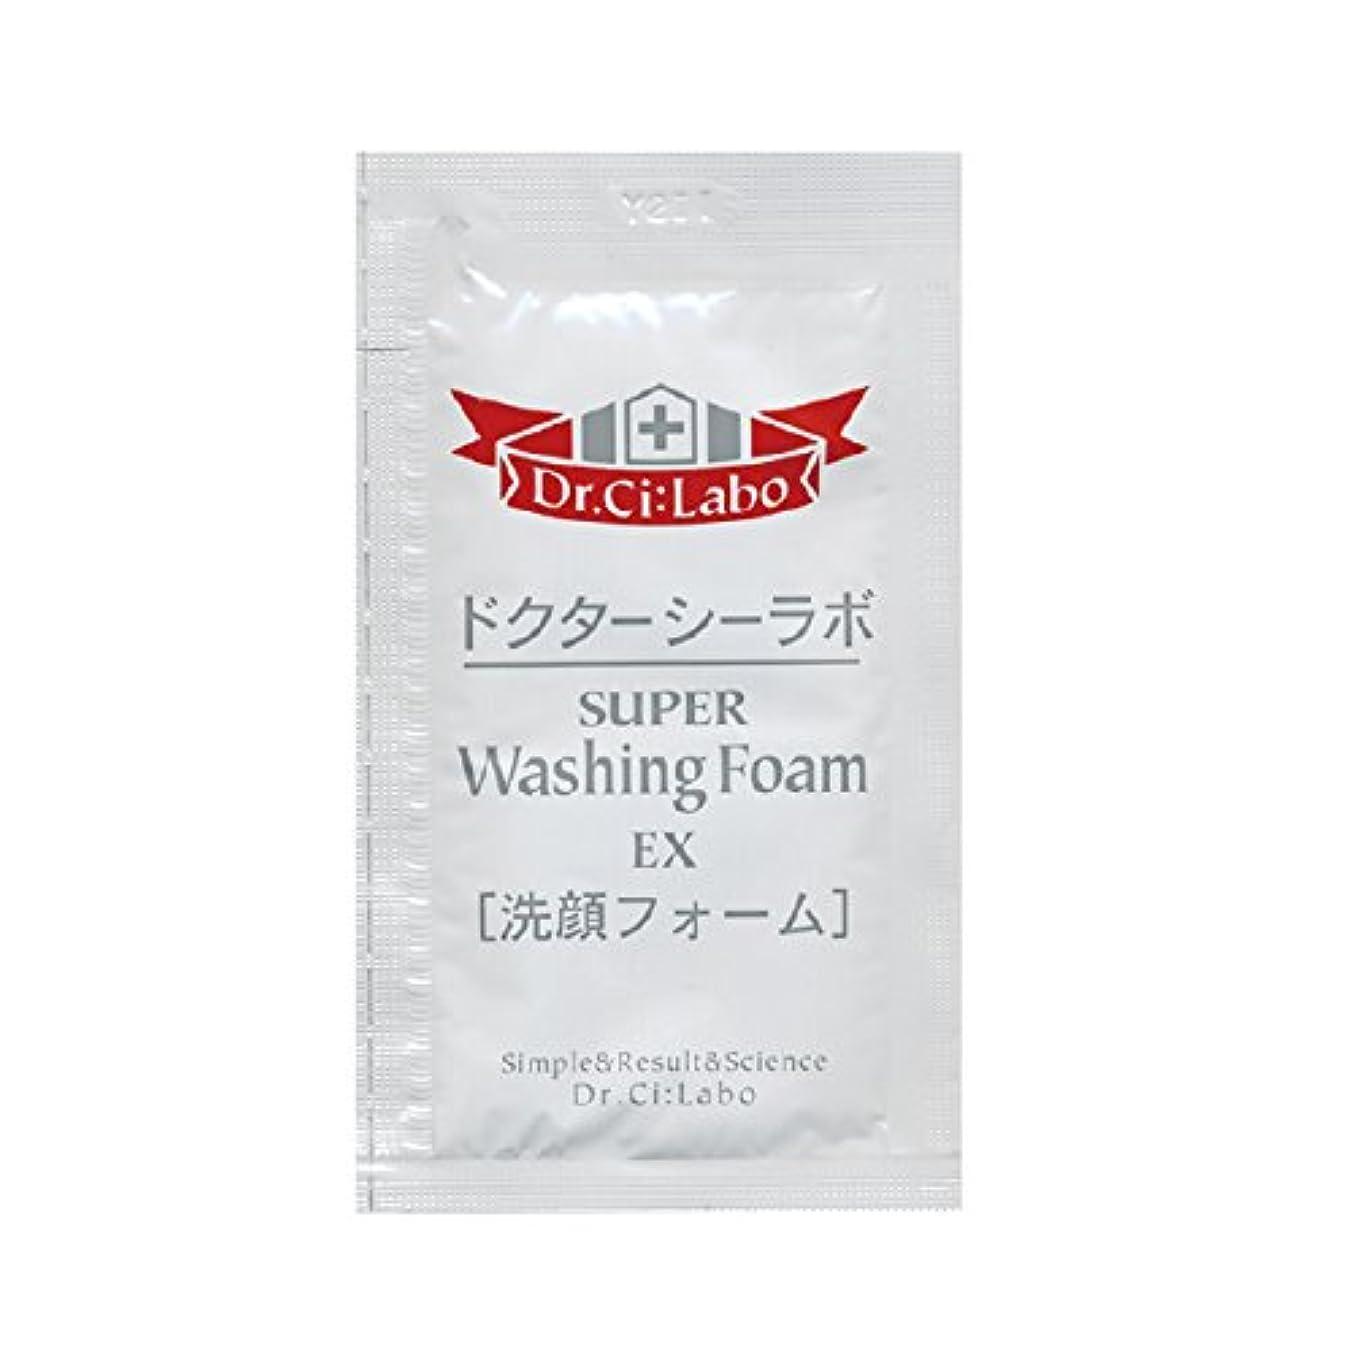 ドクターシーラボ 洗顔フォーム パウチ 10包